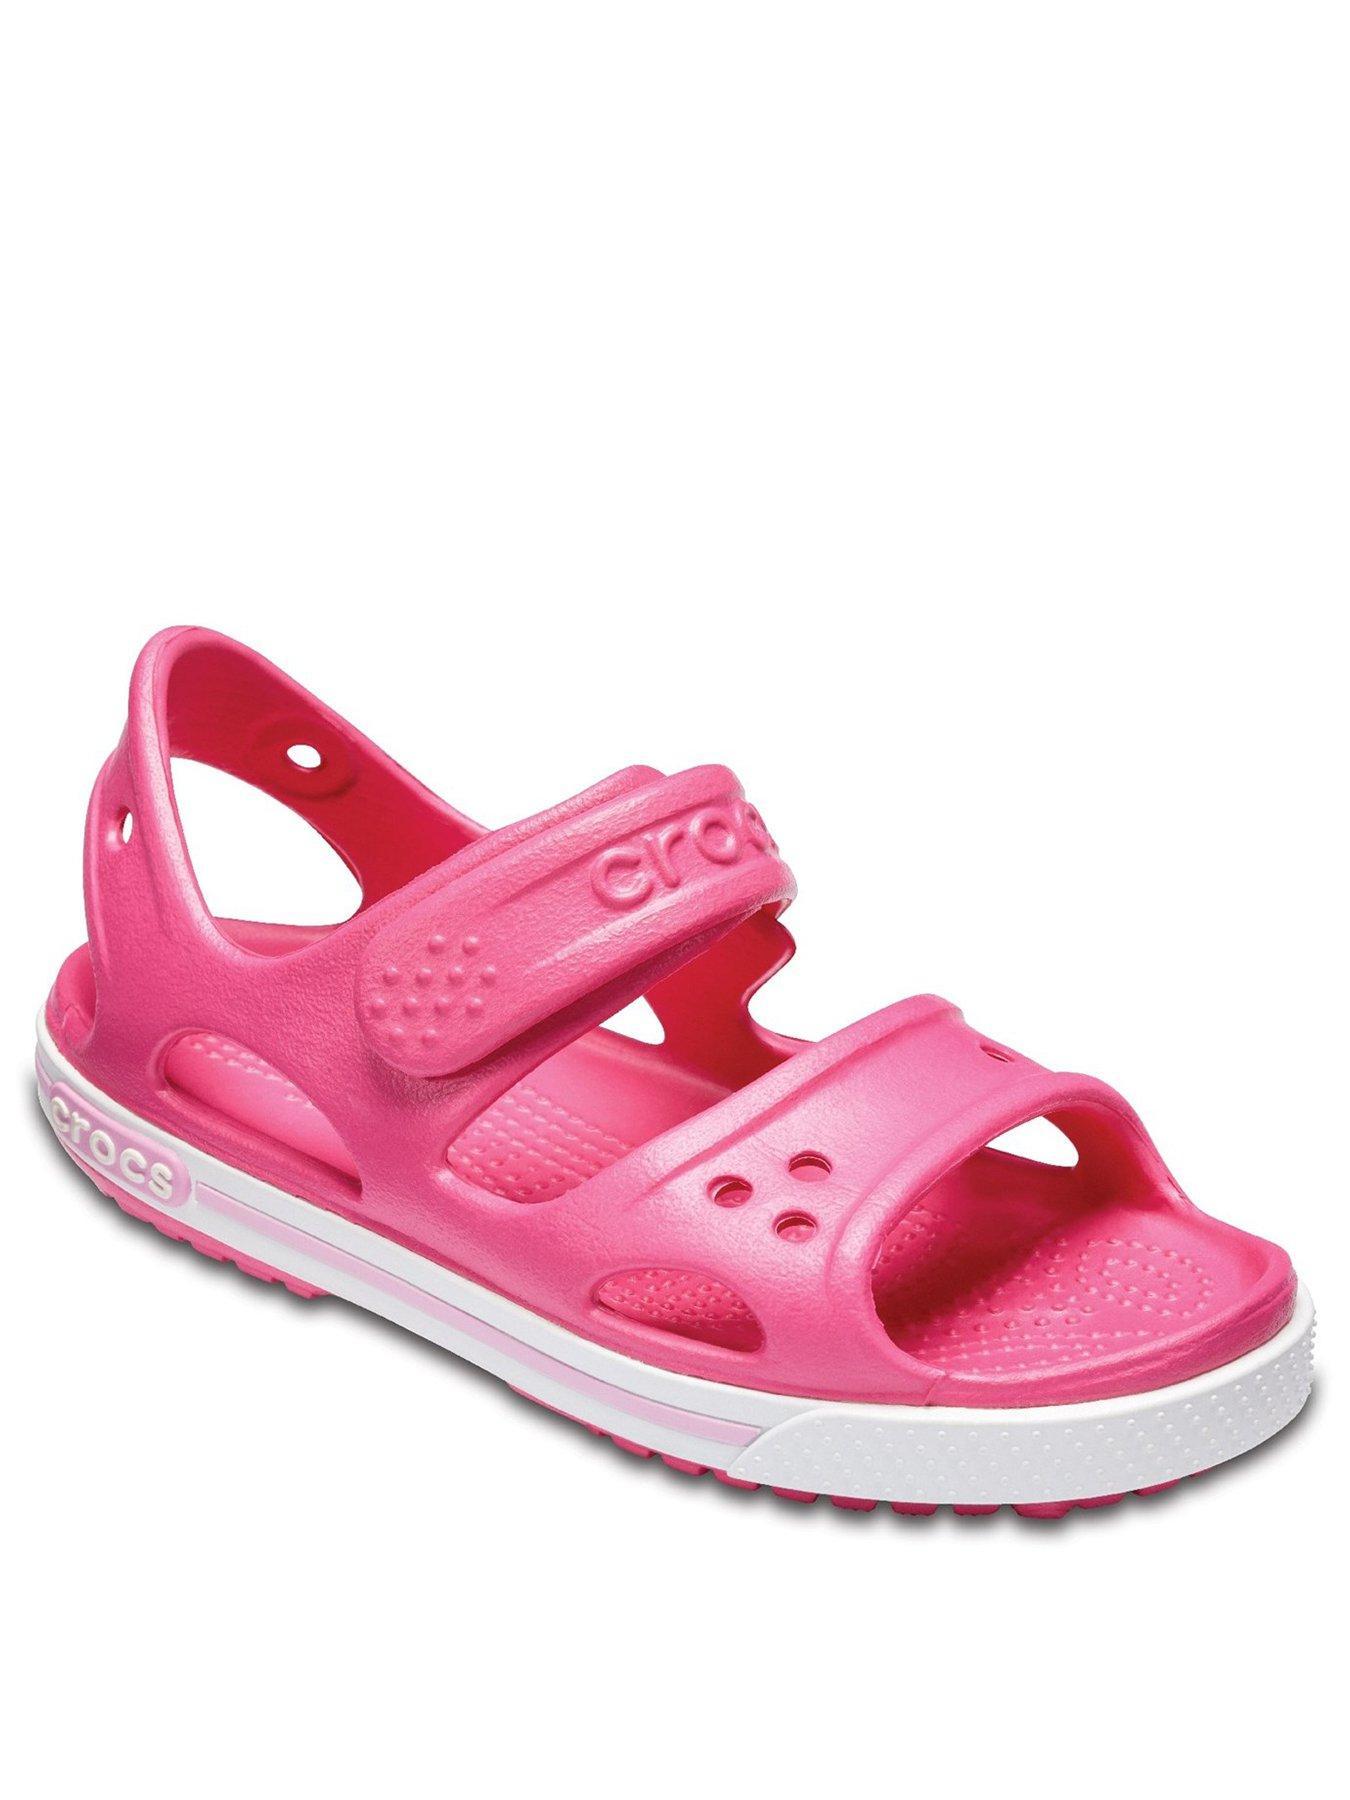 Crocs   Shoes \u0026 boots   Child \u0026 baby